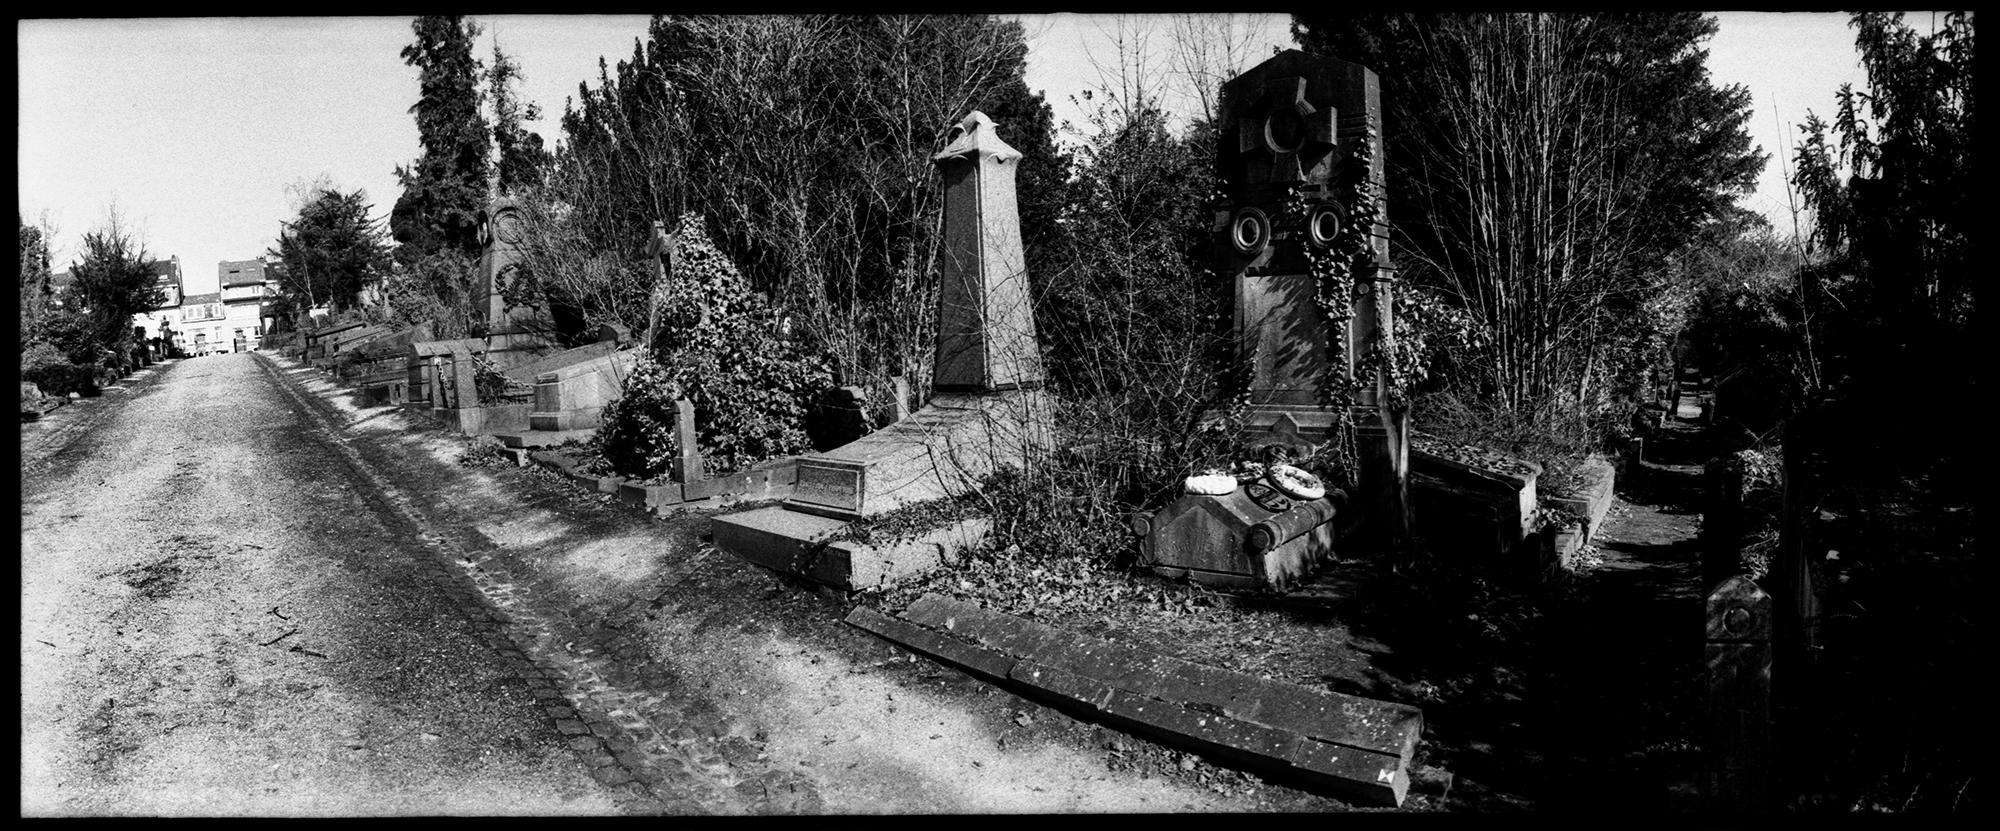 Dieweg Cemetery by Laurent Orseau #45